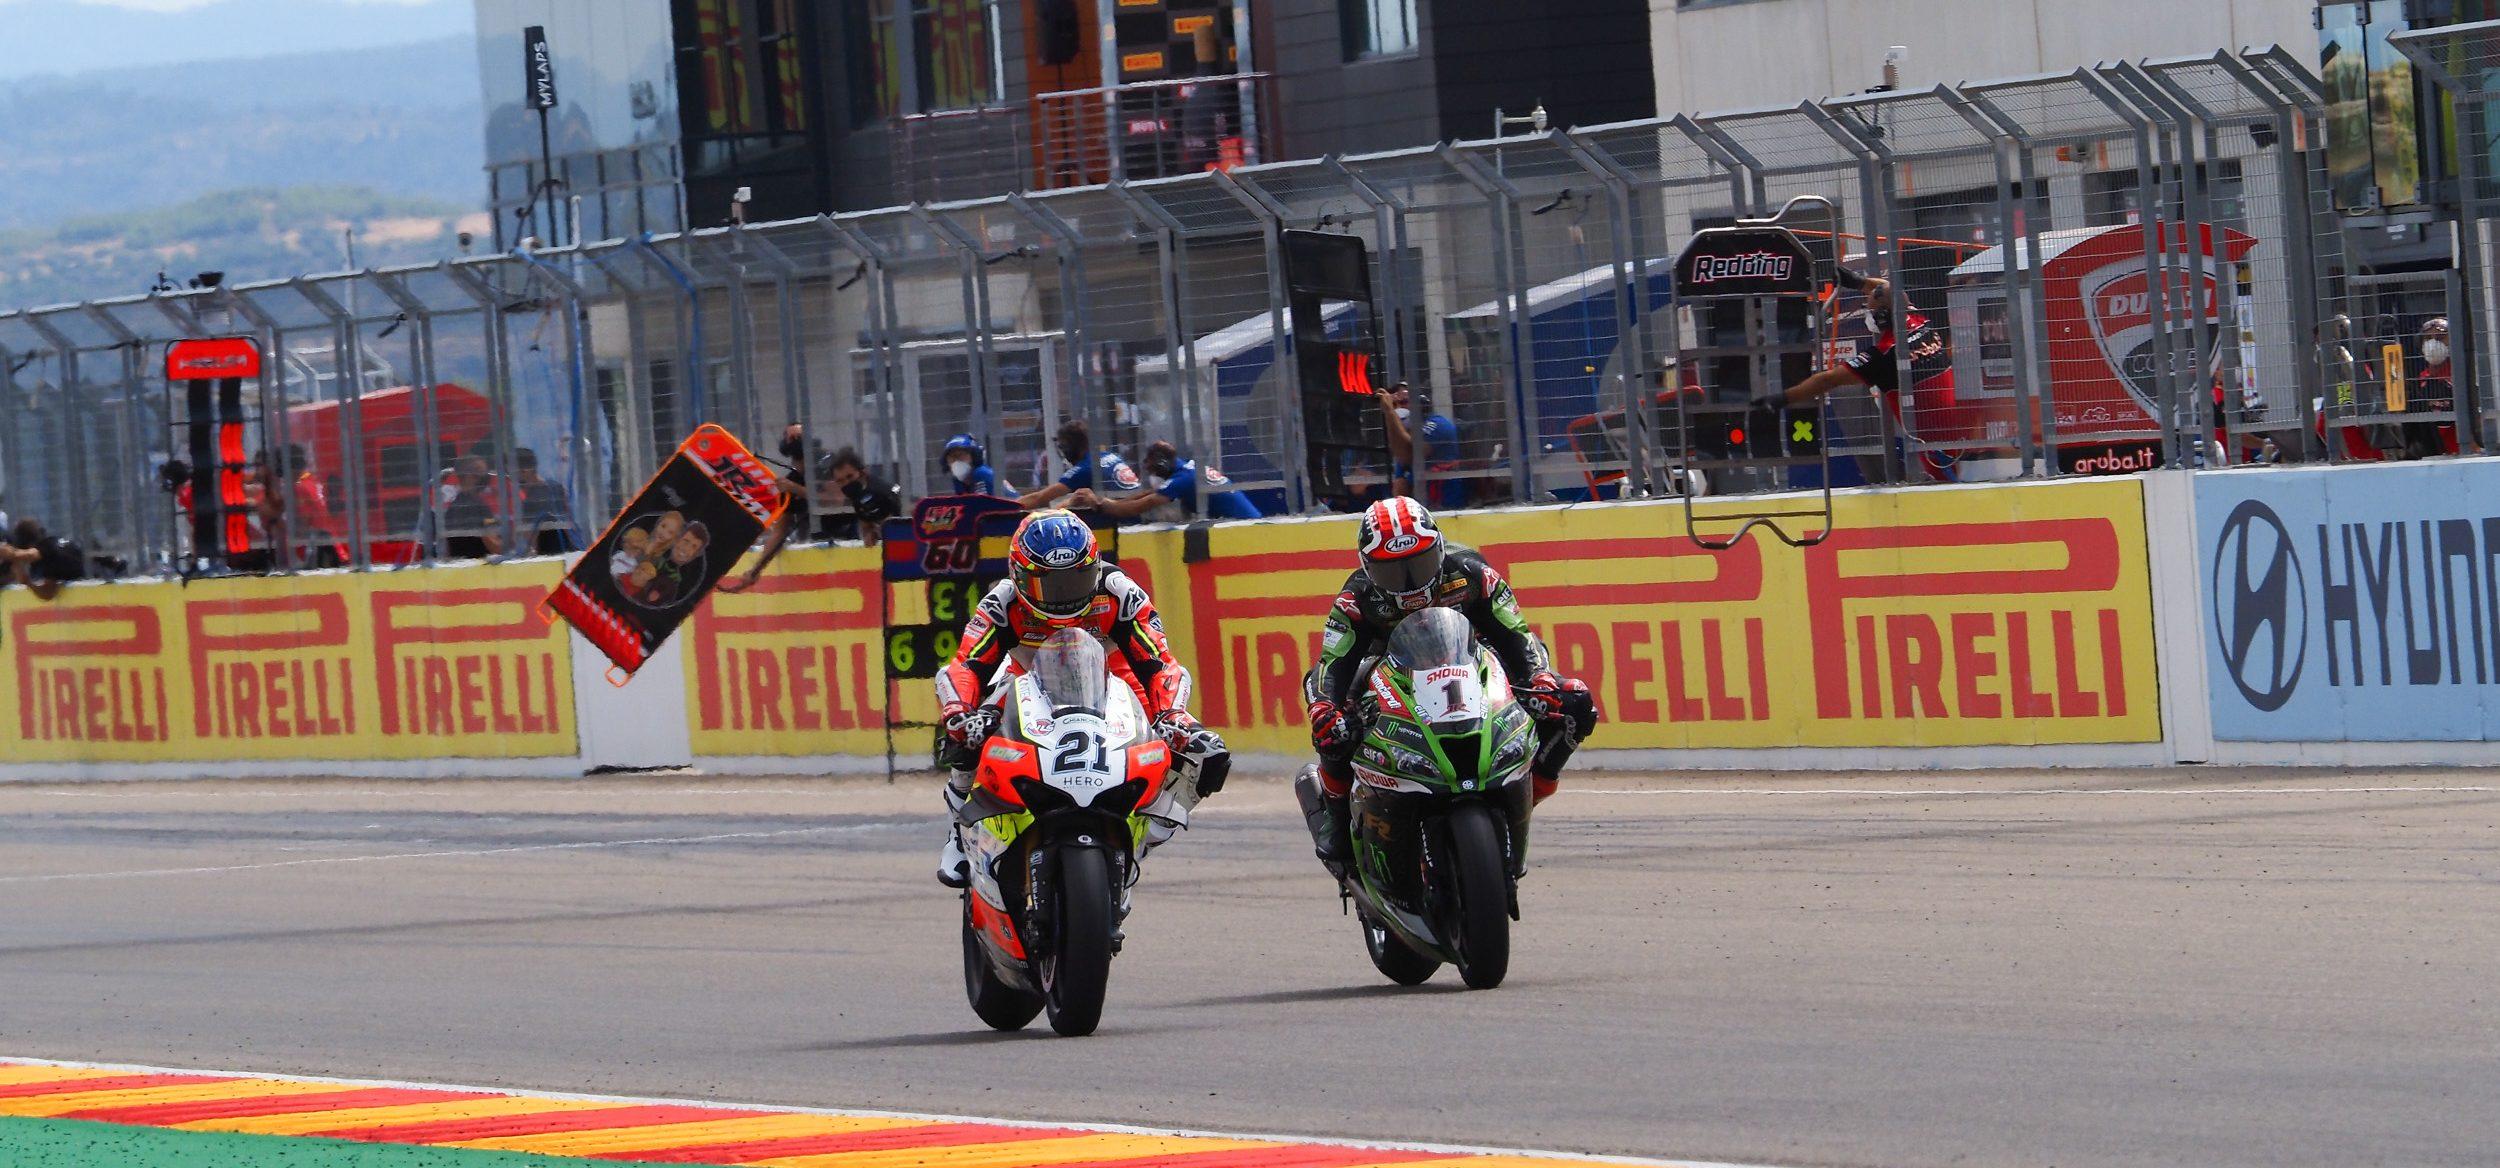 WSBK 2020: Der 7. Stopp in Magny-Cours bei ServusTV und im Livestream